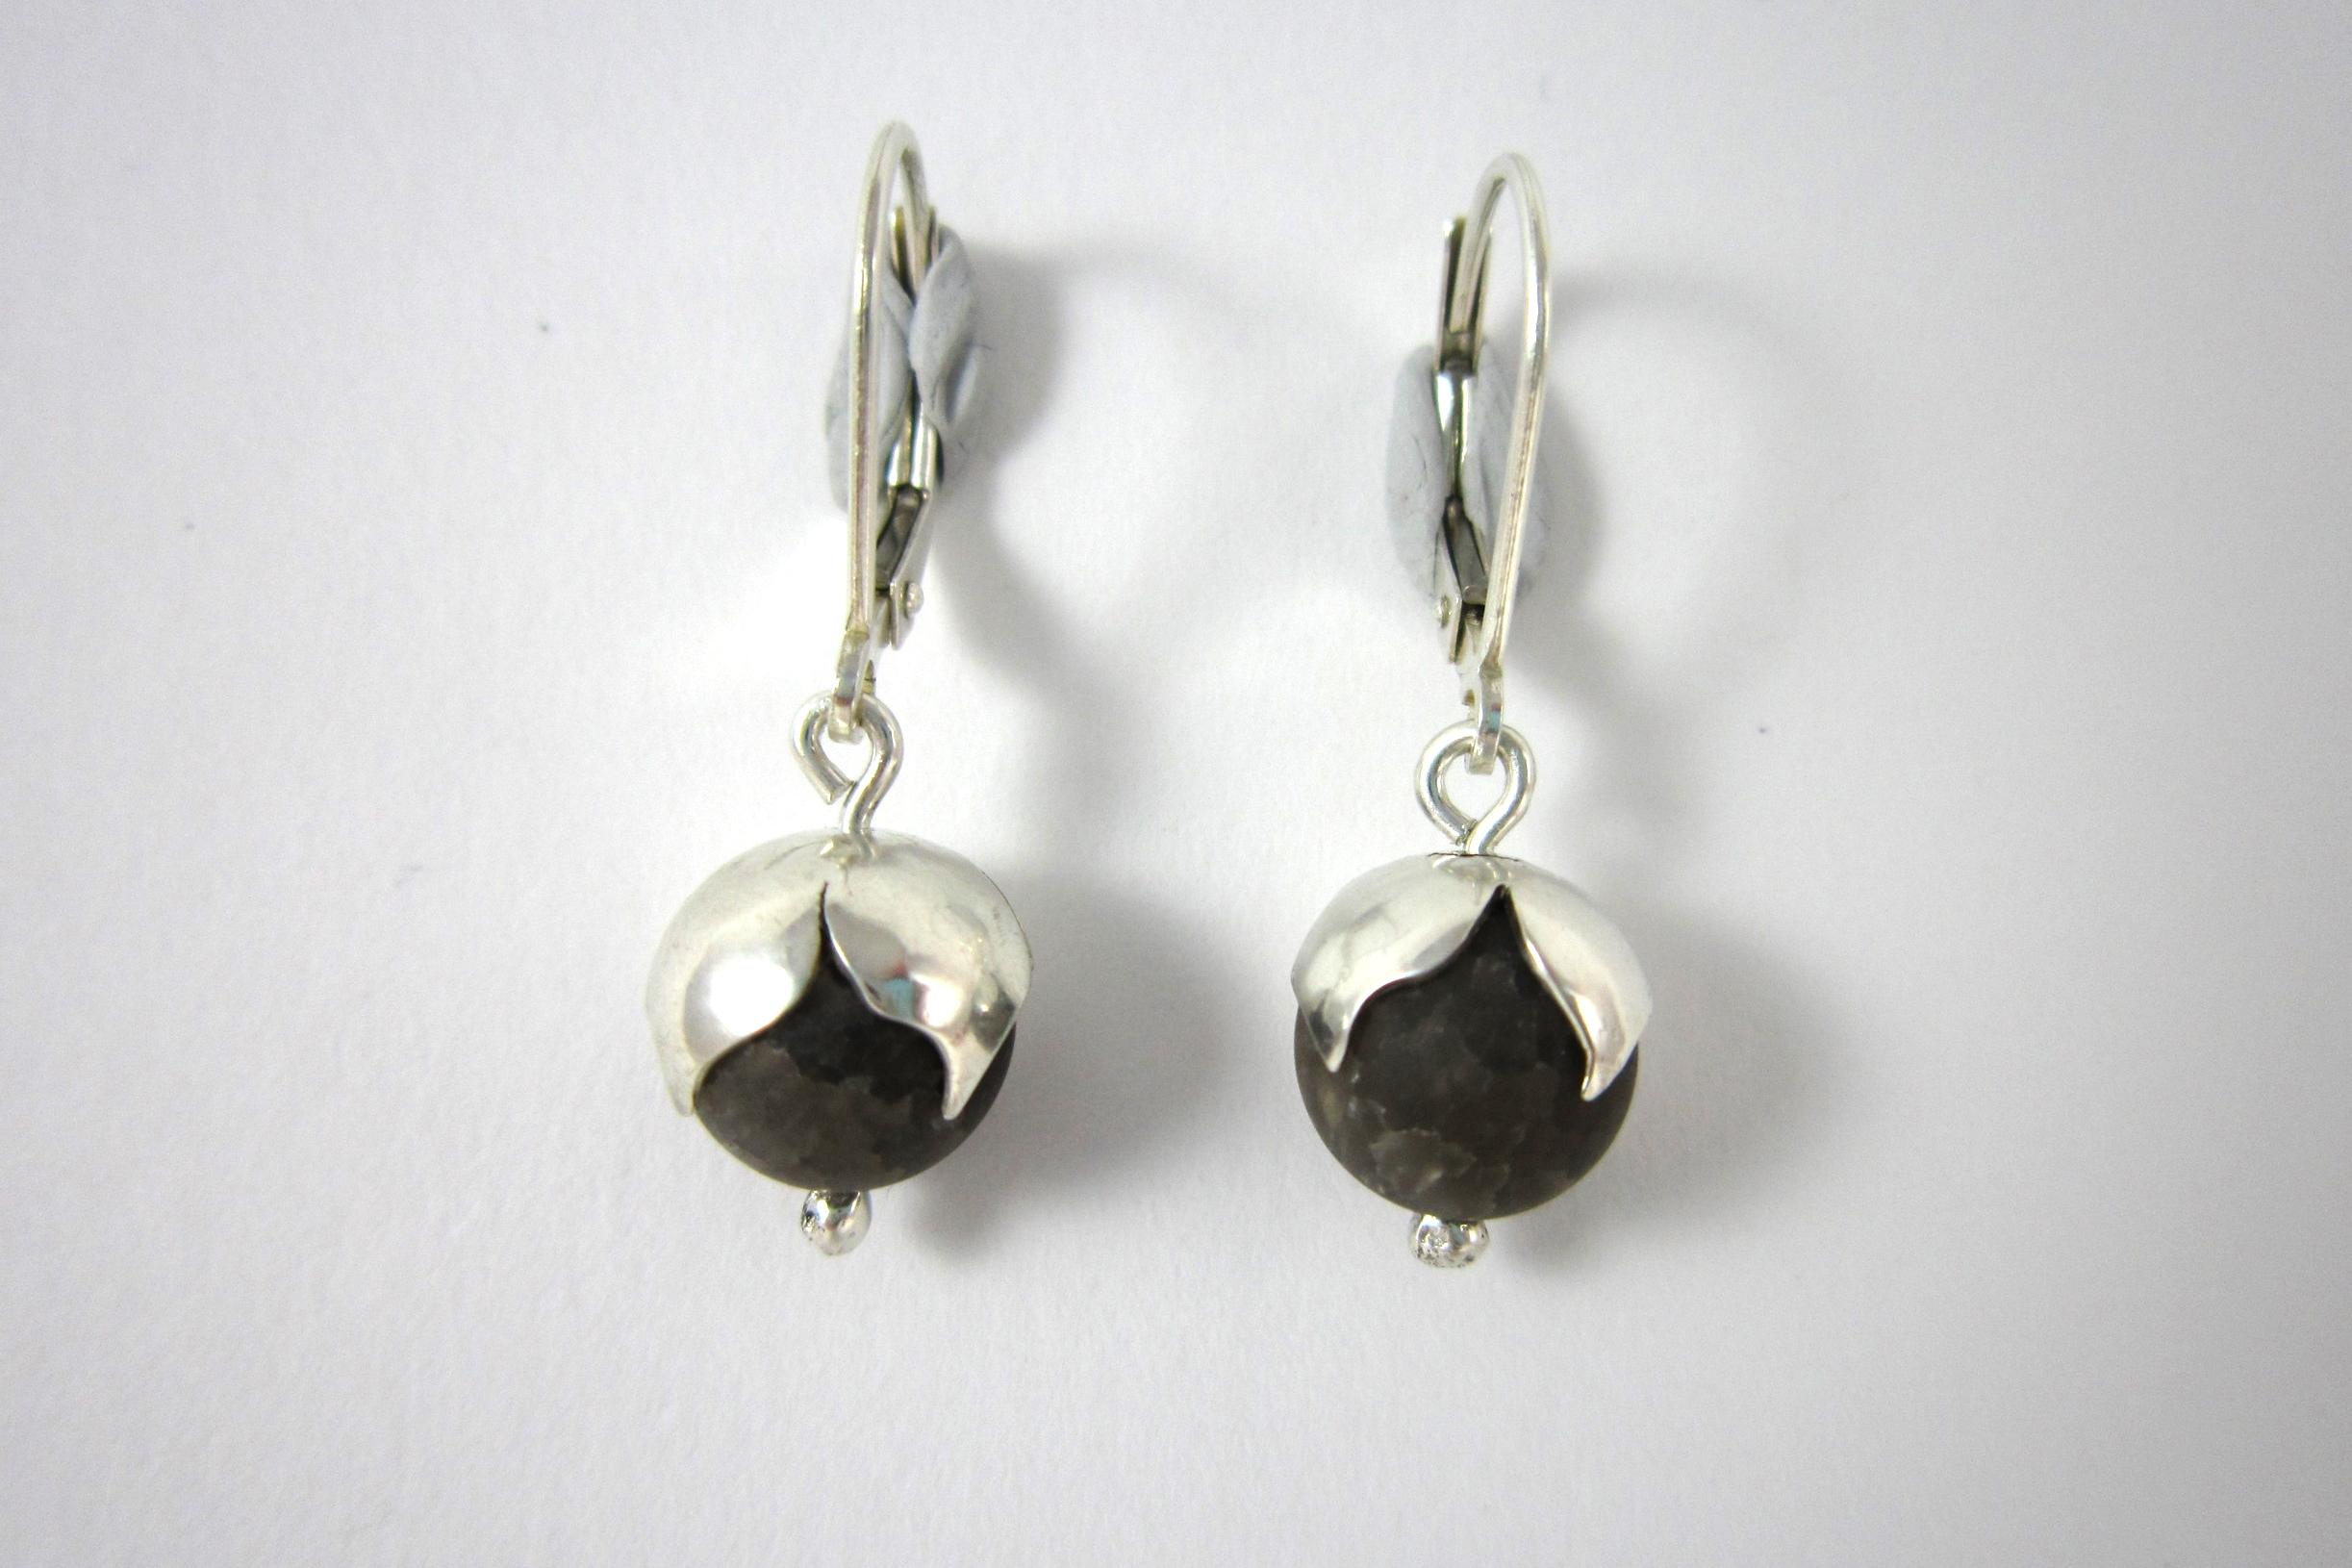 Zilveren oorbellen met rookkwarts.